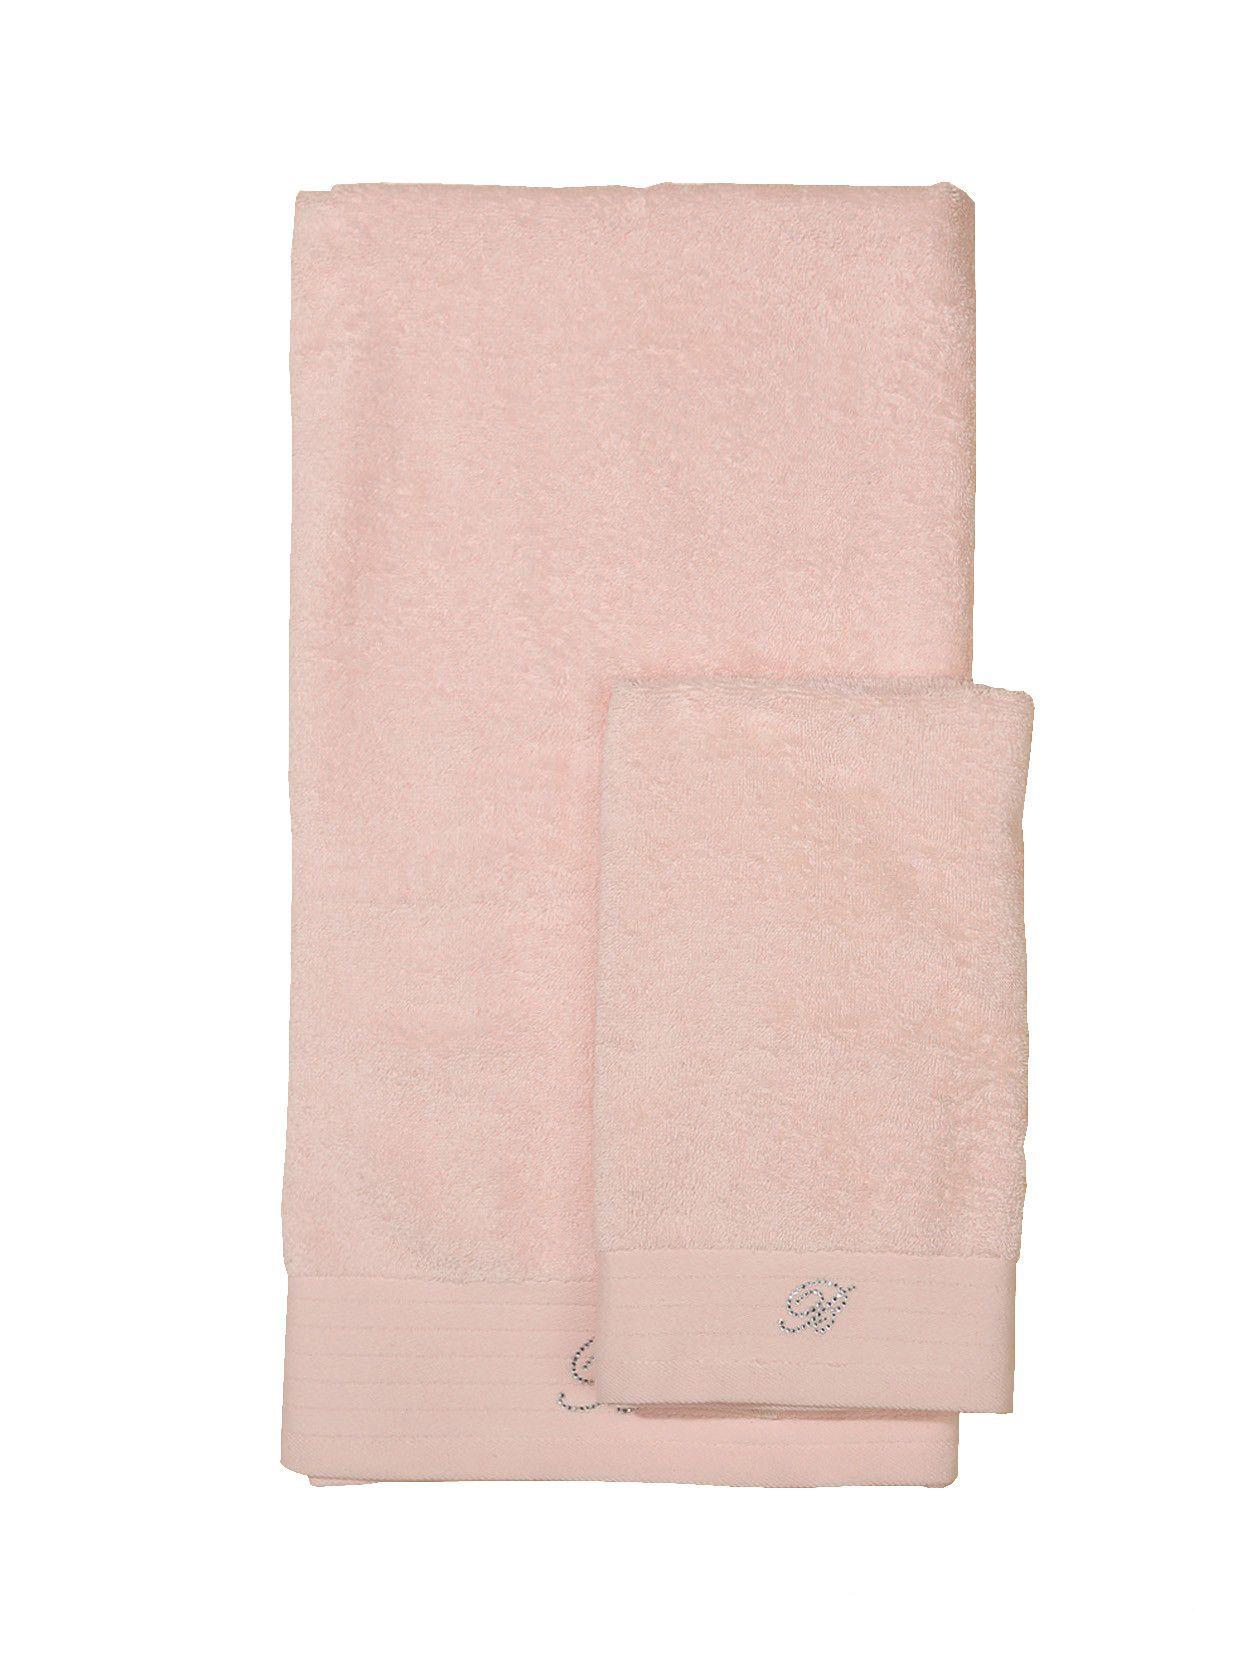 Наборы полотенец Набор полотенец 2 шт Blumarine Crociera пыльно-розовый elitnie-polotentsa-crociera-pudra-ot-blumarine-italiya.jpg